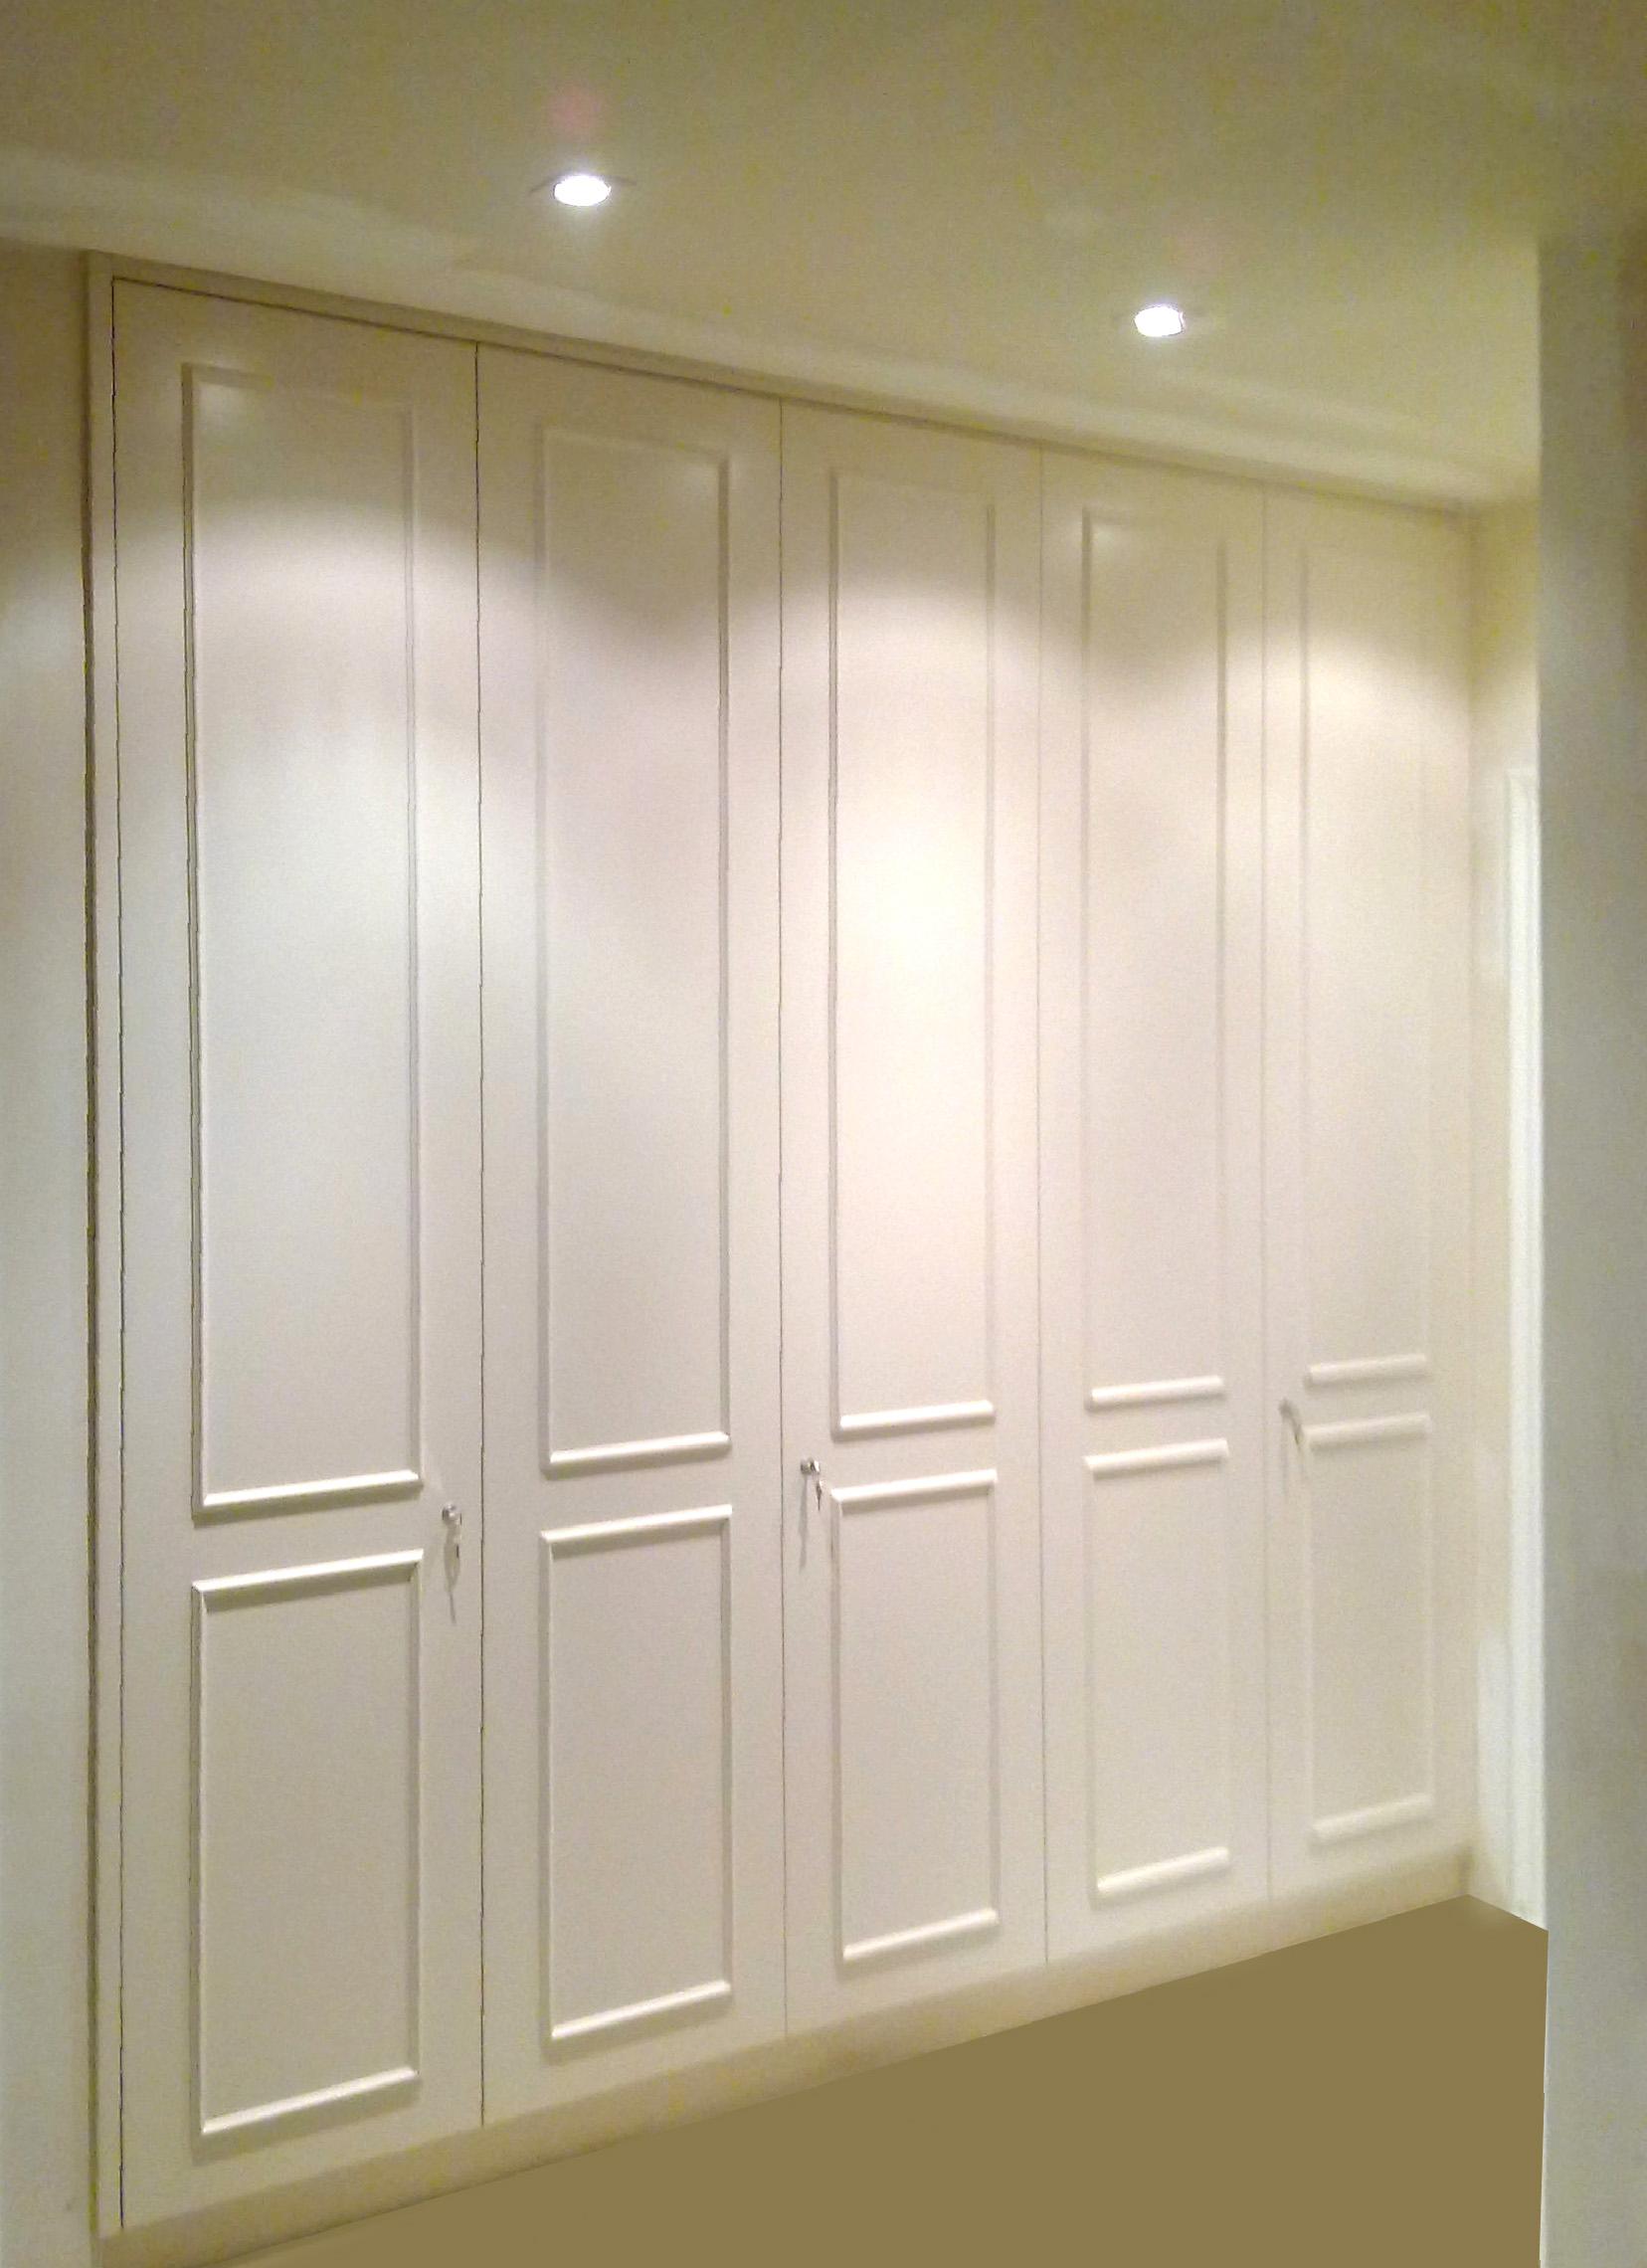 Armario ropero con puertas con moldura y cerradura mb - Molduras de puertas ...